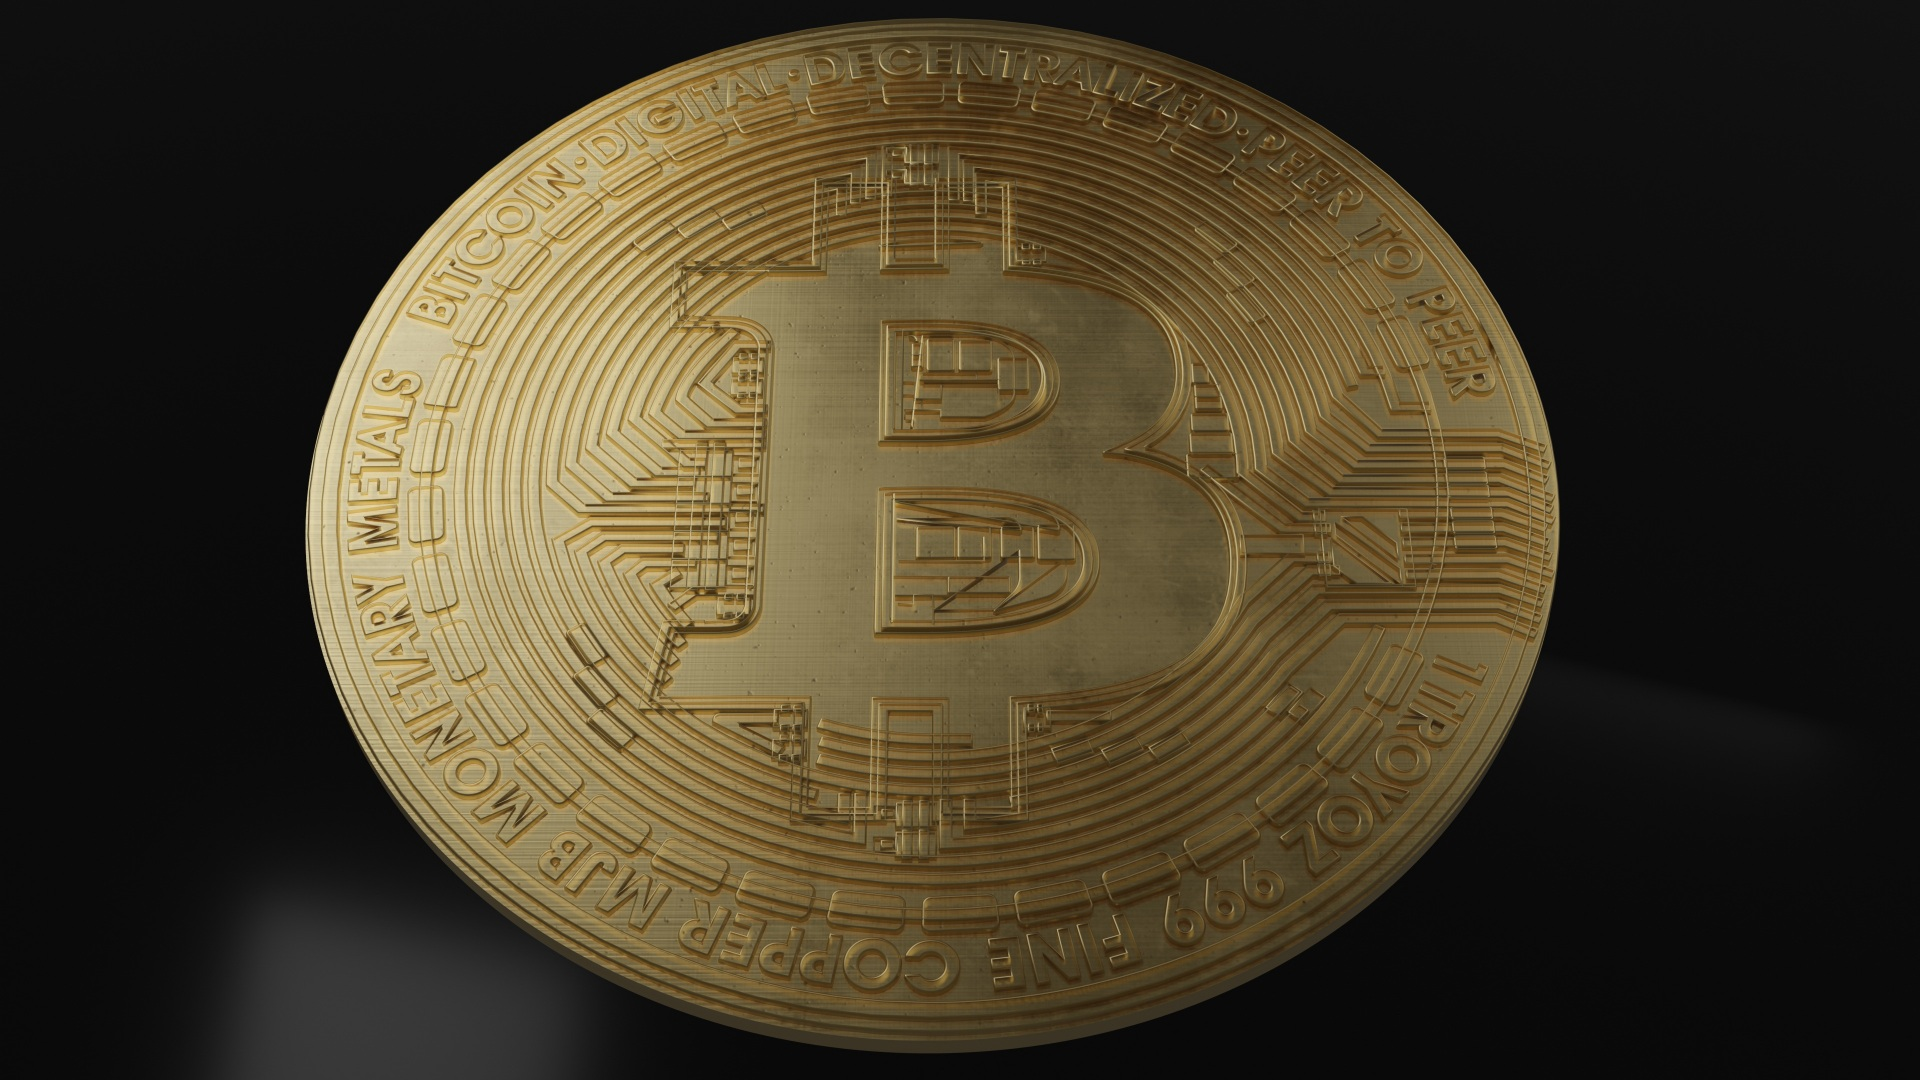 Fotos von Münze Bitcoin Gold Farbe Geld Nahaufnahme 1920x1080 hautnah Großansicht